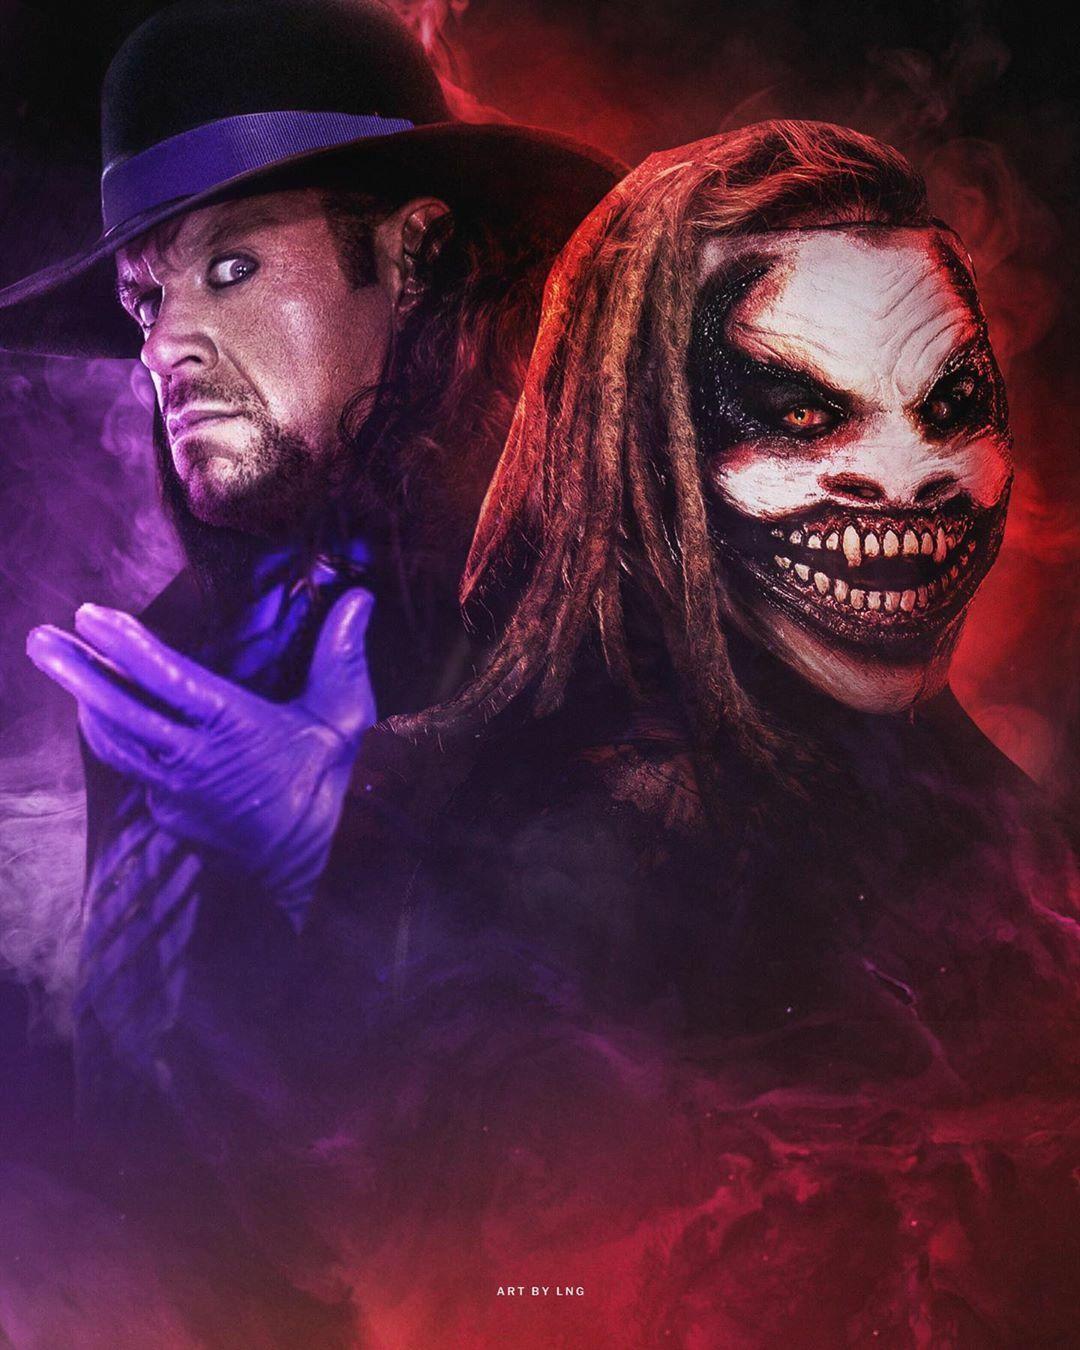 The Fiend Bray Wyatt Vs The Undertaker Undertaker Wwe Wwe Wallpapers Undertaker